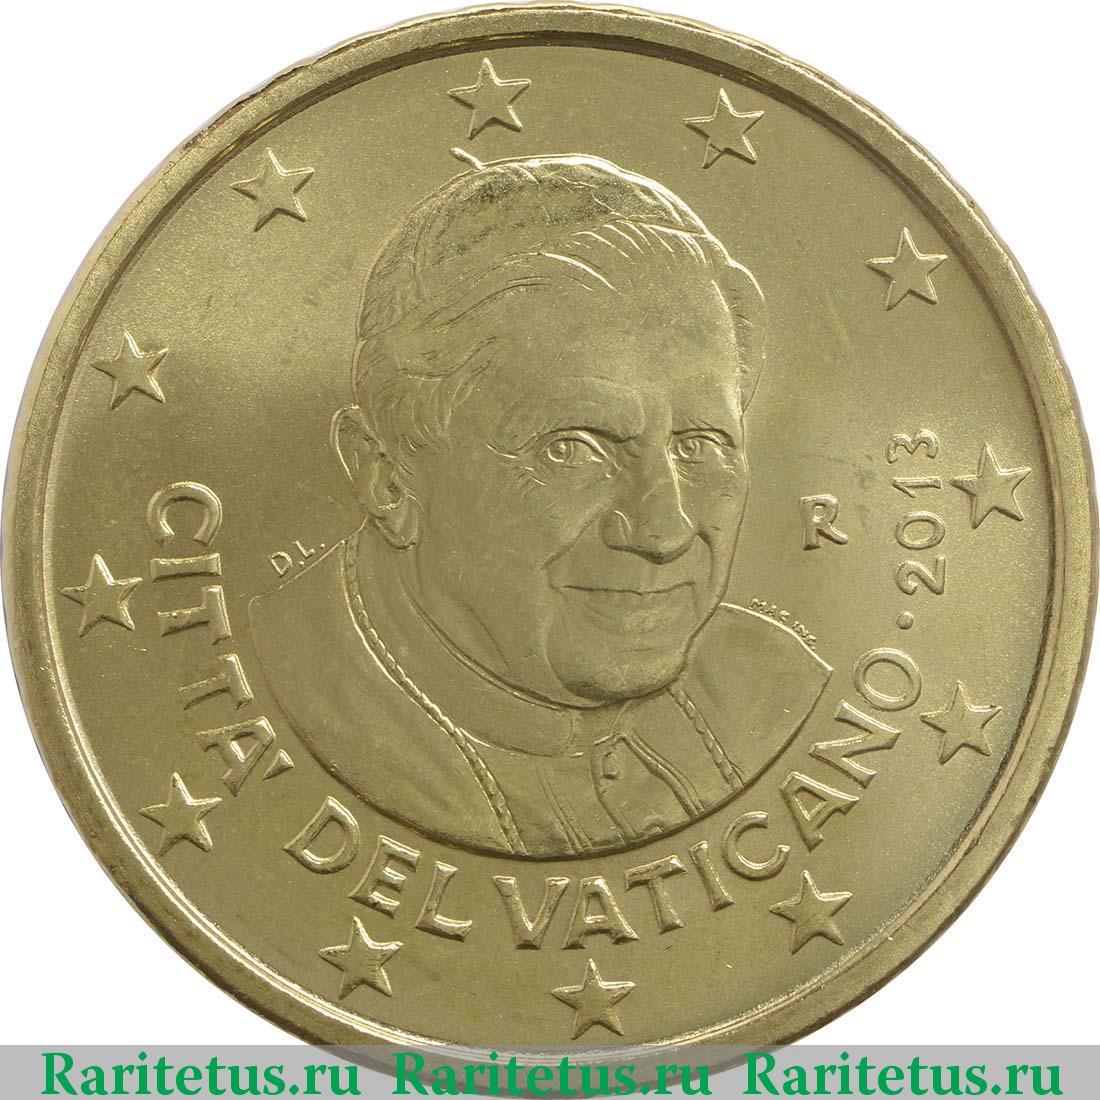 20 евроцентов в рублях 2018 сколько 2